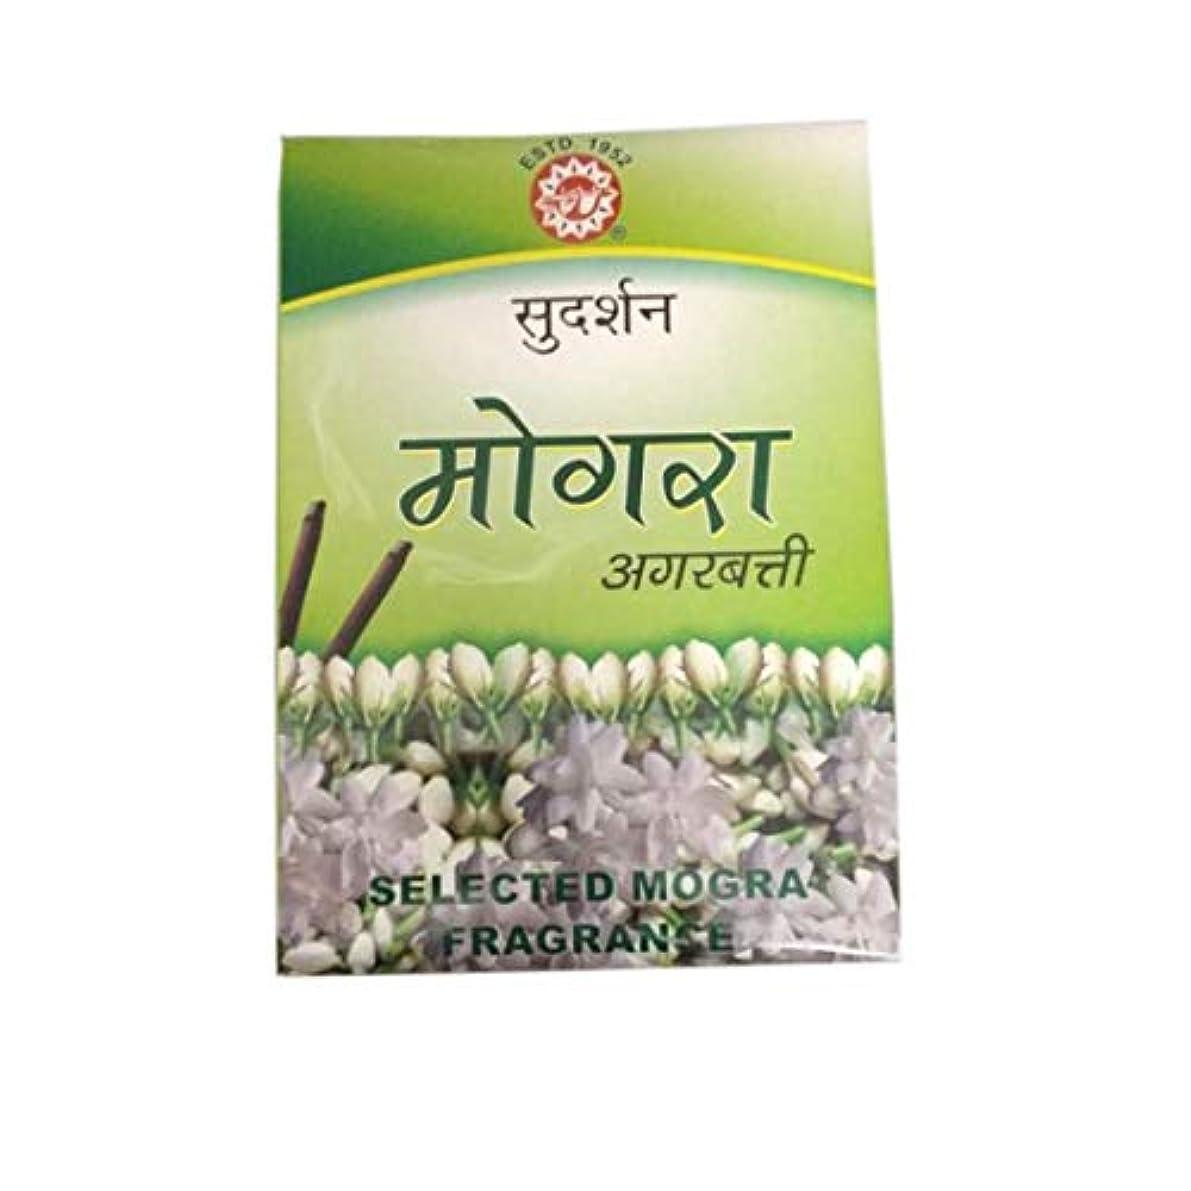 ピークに追放するSudarshan Mogra Agarbatti - 12 Sticks Packet 1 Box Fragrance Incense Sticks for Positivity & Freshness Lavender...